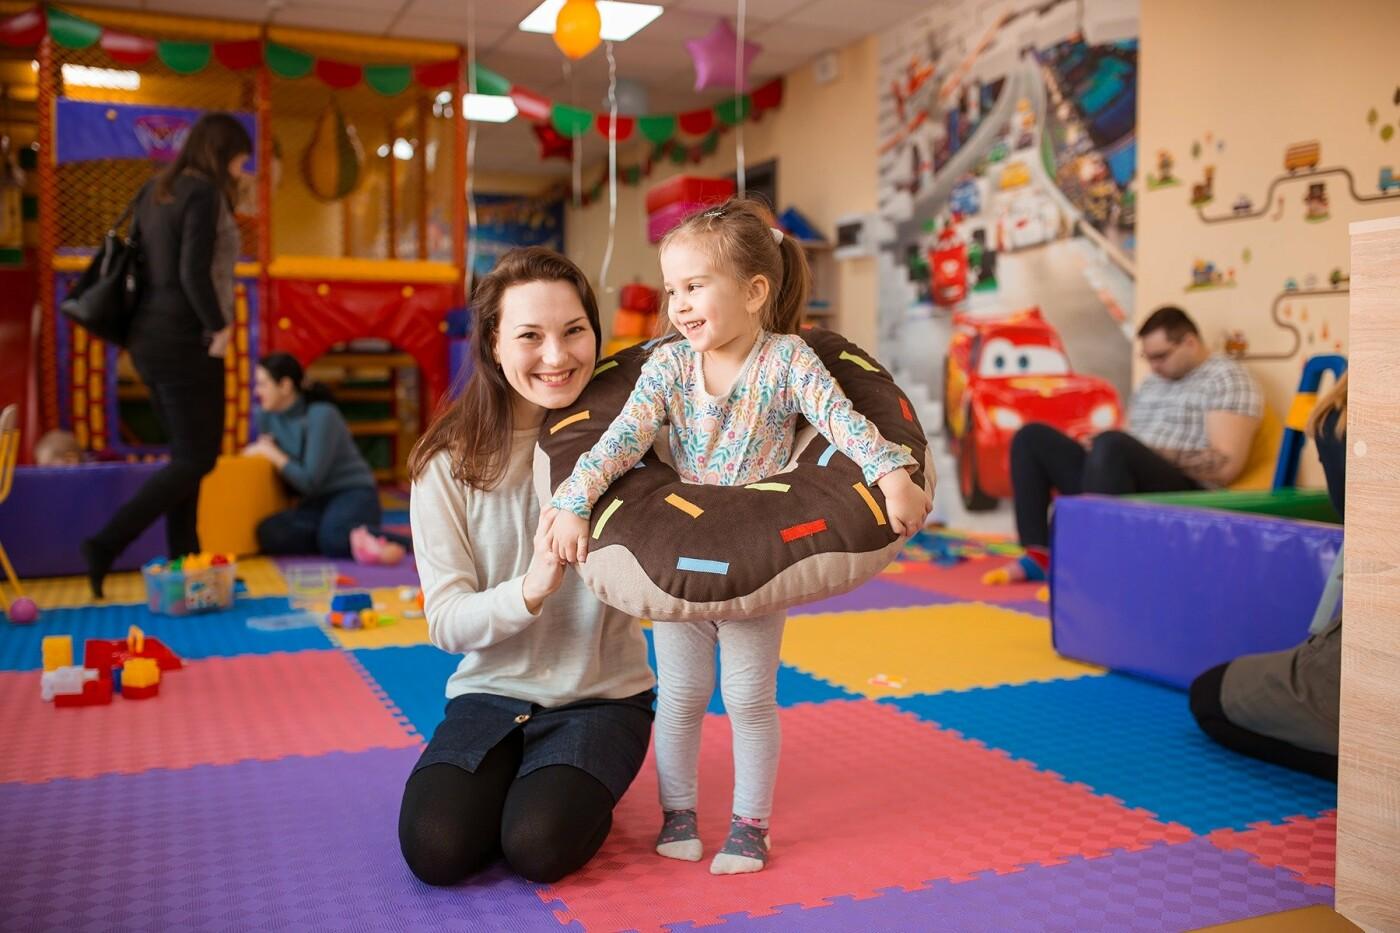 Дитячий розважальний центр «Малята на Тата» в Броварах, фото-1